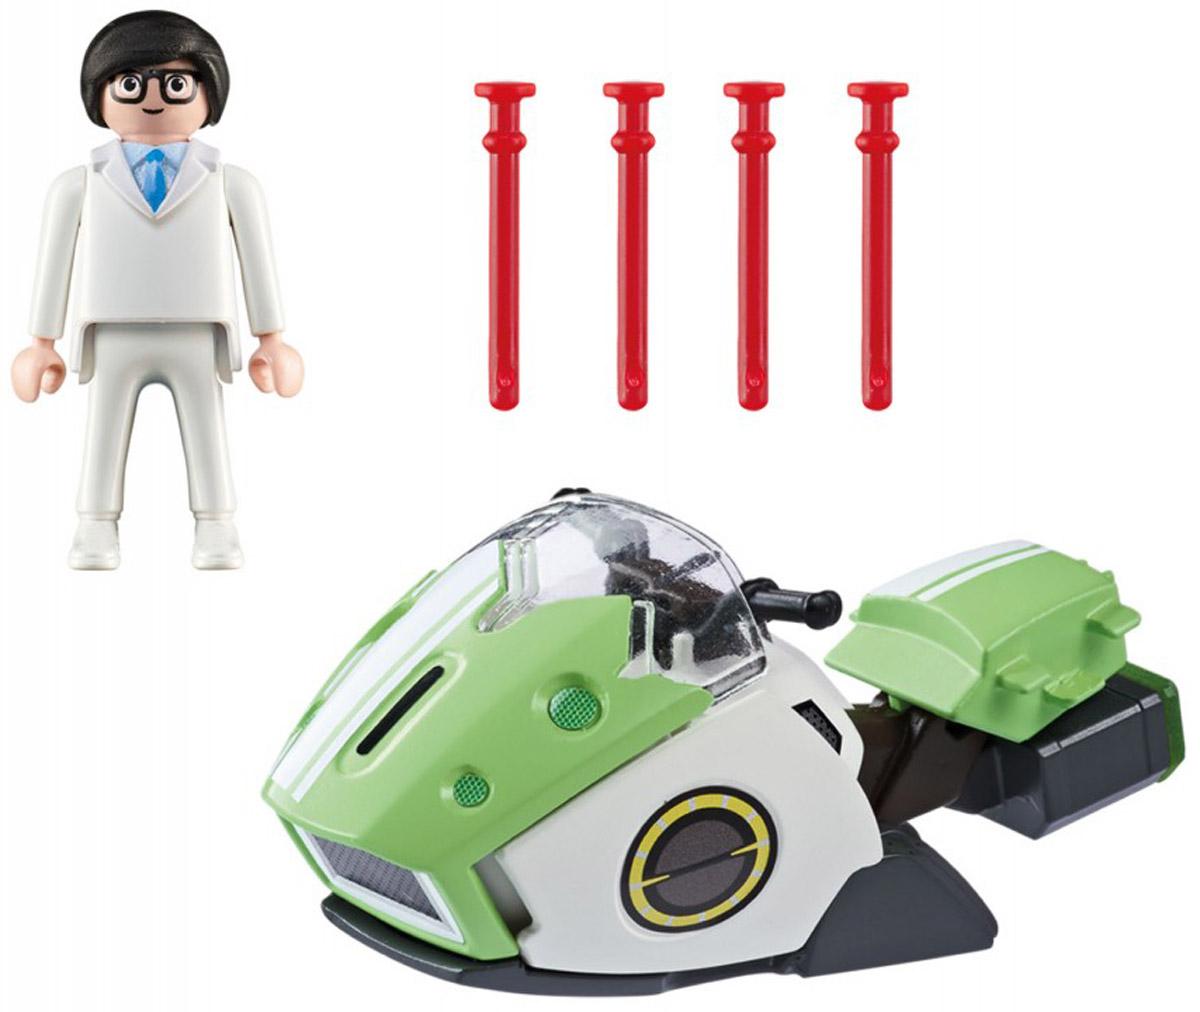 Playmobil Игровой набор Скайджет playmobil® playmobil 5289 секретный агент мега робот с бластером